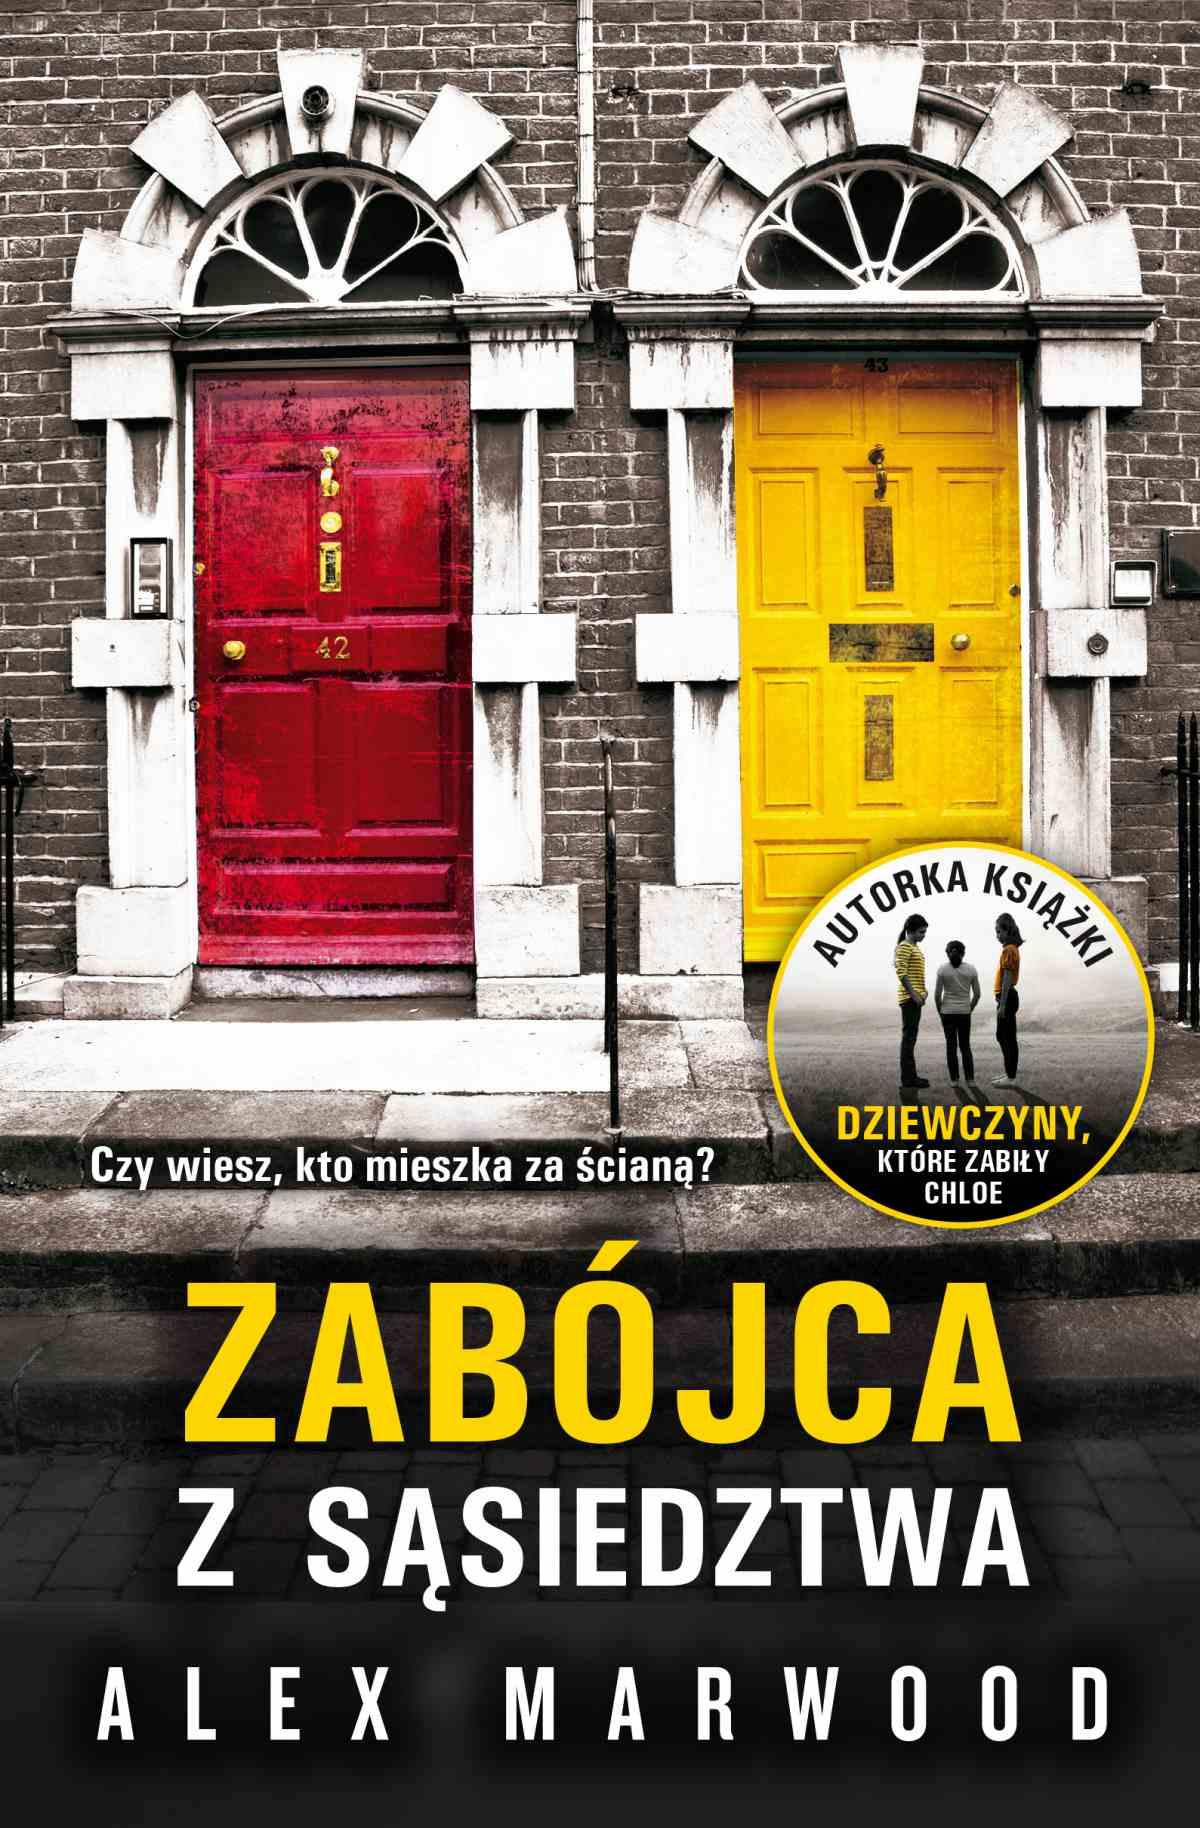 Zabójca z sąsiedztwa - Ebook (Książka EPUB) do pobrania w formacie EPUB